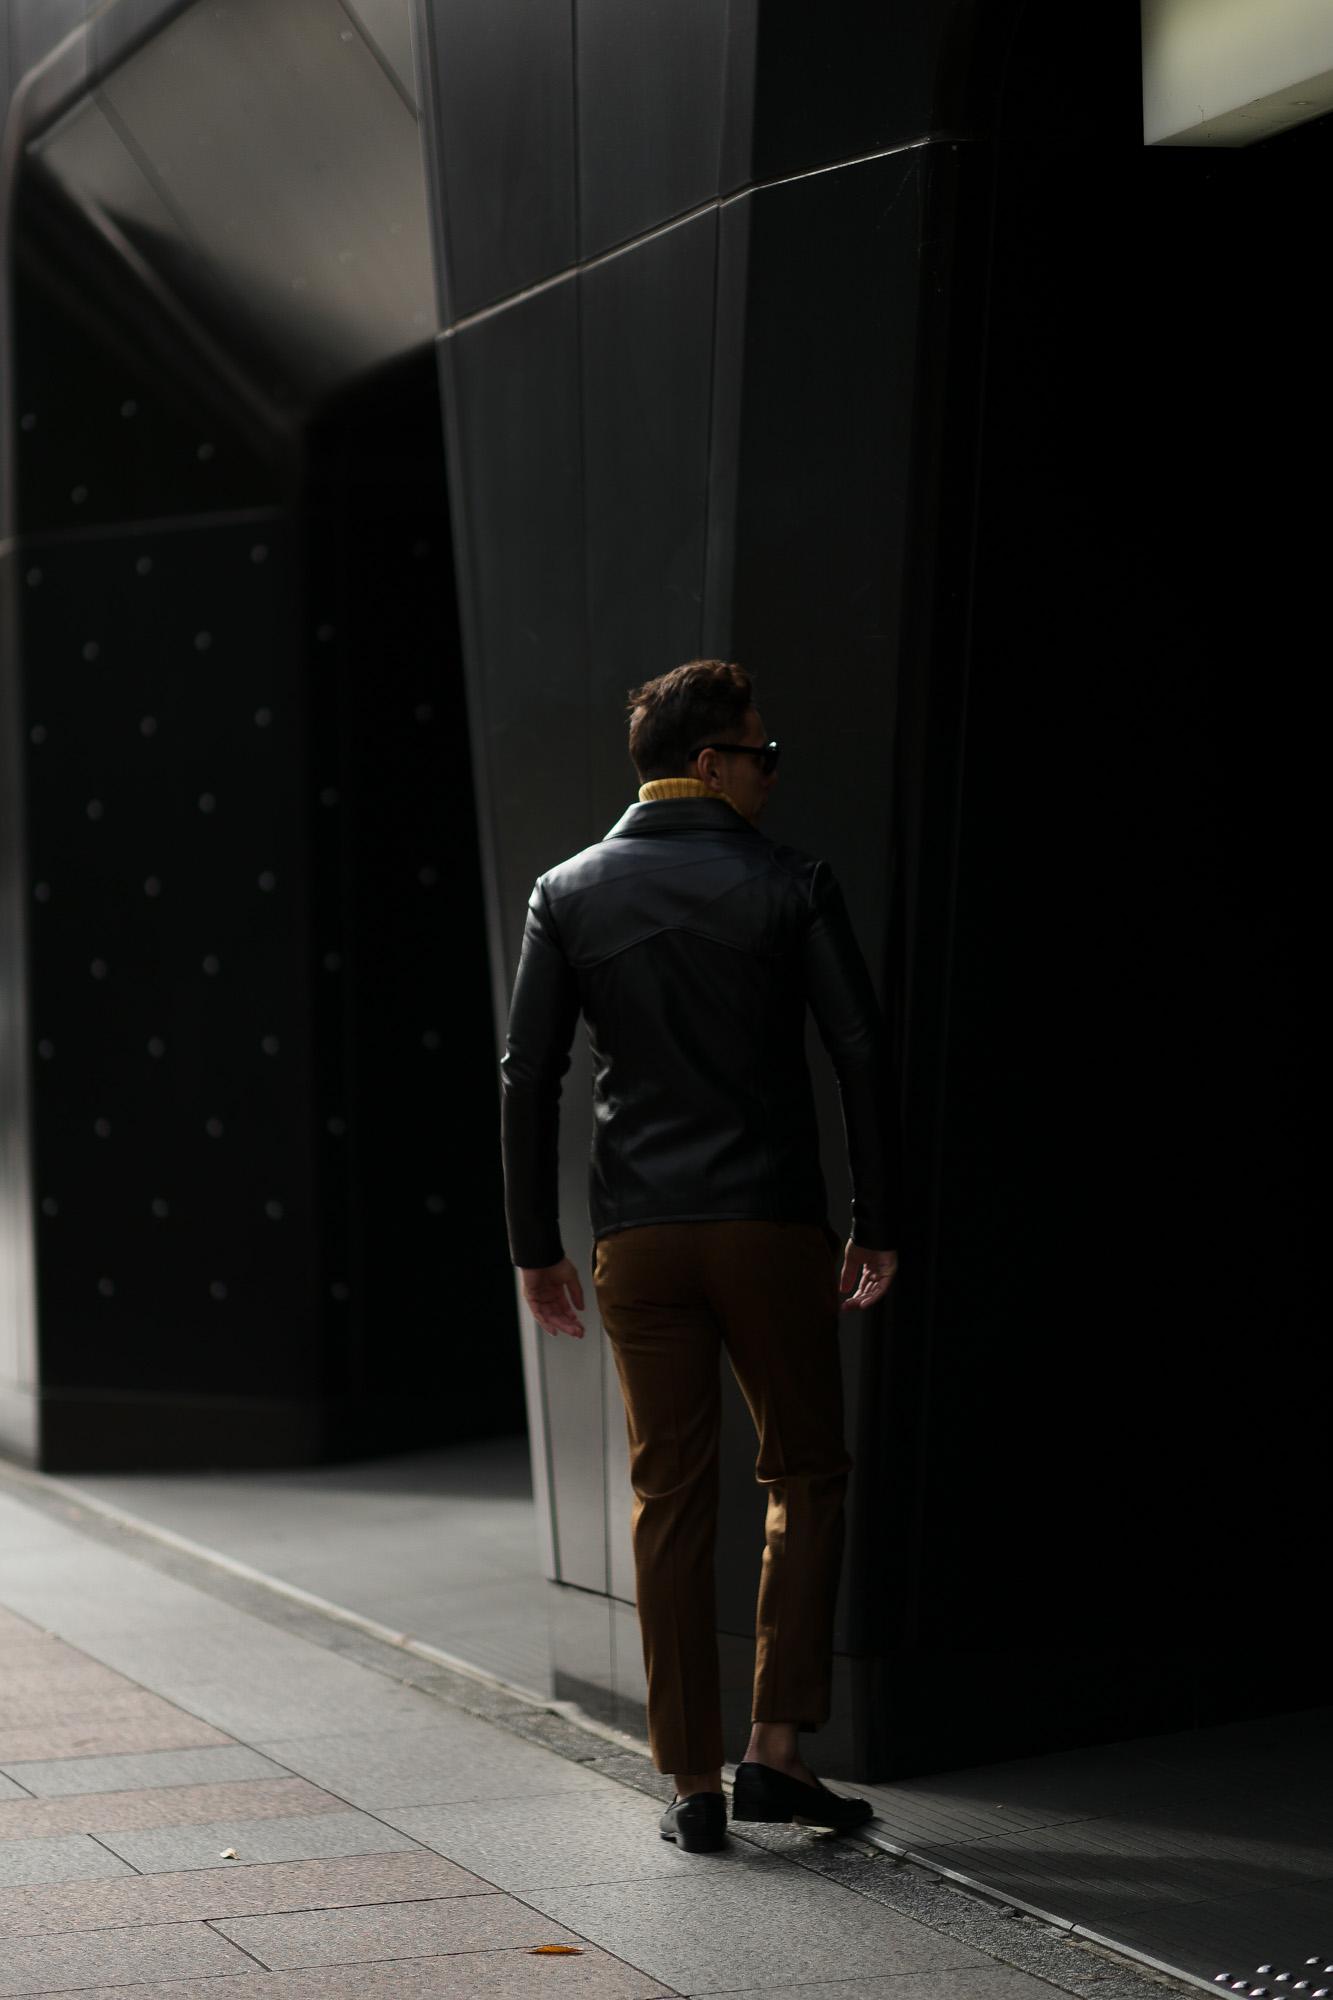 Cuervo (クエルボ) Satisfaction Leather Collection (サティスファクション レザー コレクション) East West(イーストウエスト)  SMOKE(スモーク) BUFFALO LEATHER (バッファロー レザー) レザージャケット BLACK(ブラック) MADE IN JAPAN (日本製) 2019 春夏 【ご予約受付中】 愛知 名古屋 altoediritto アルトエデリット 洋服屋 レザージャケット サウスパラディソ eastwest